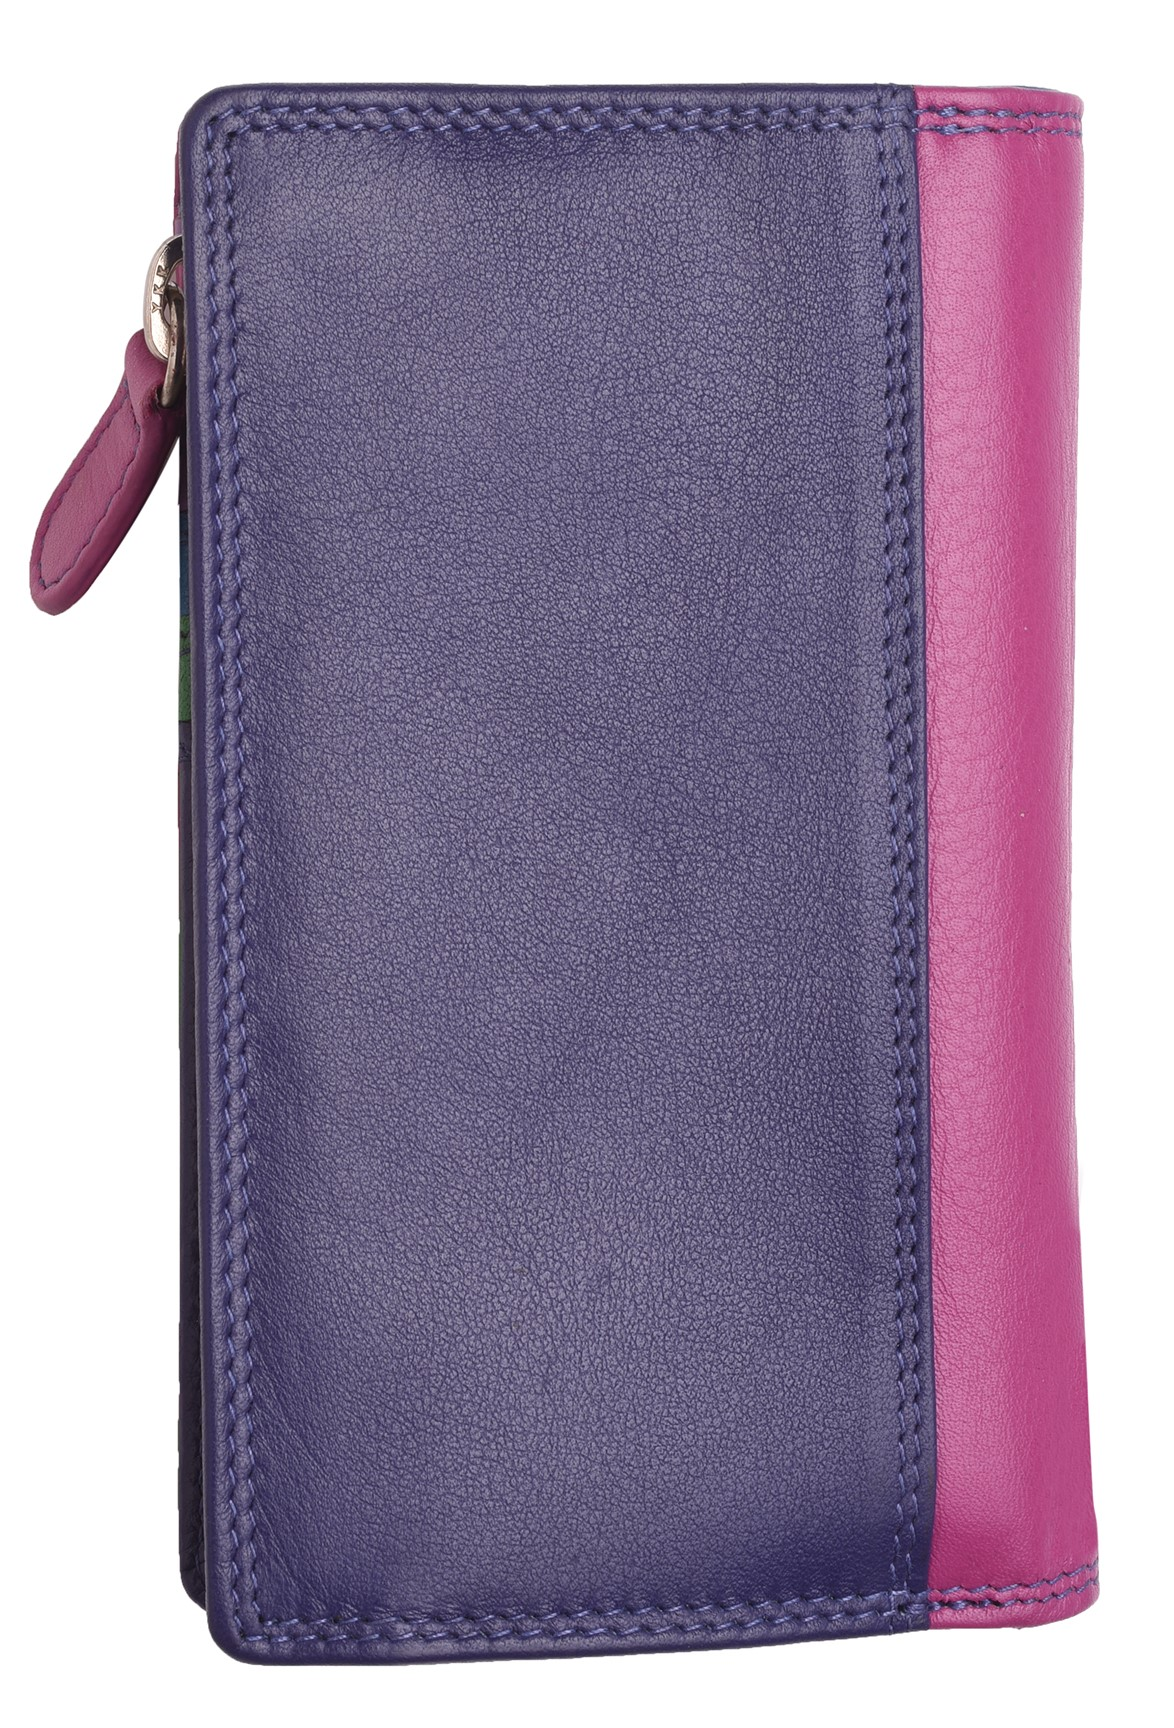 Femme-Veritable-Multi-Couleur-RFID-Blocage-De-Haute-Qualite-Sac-a-Main-Portefeuille miniature 22